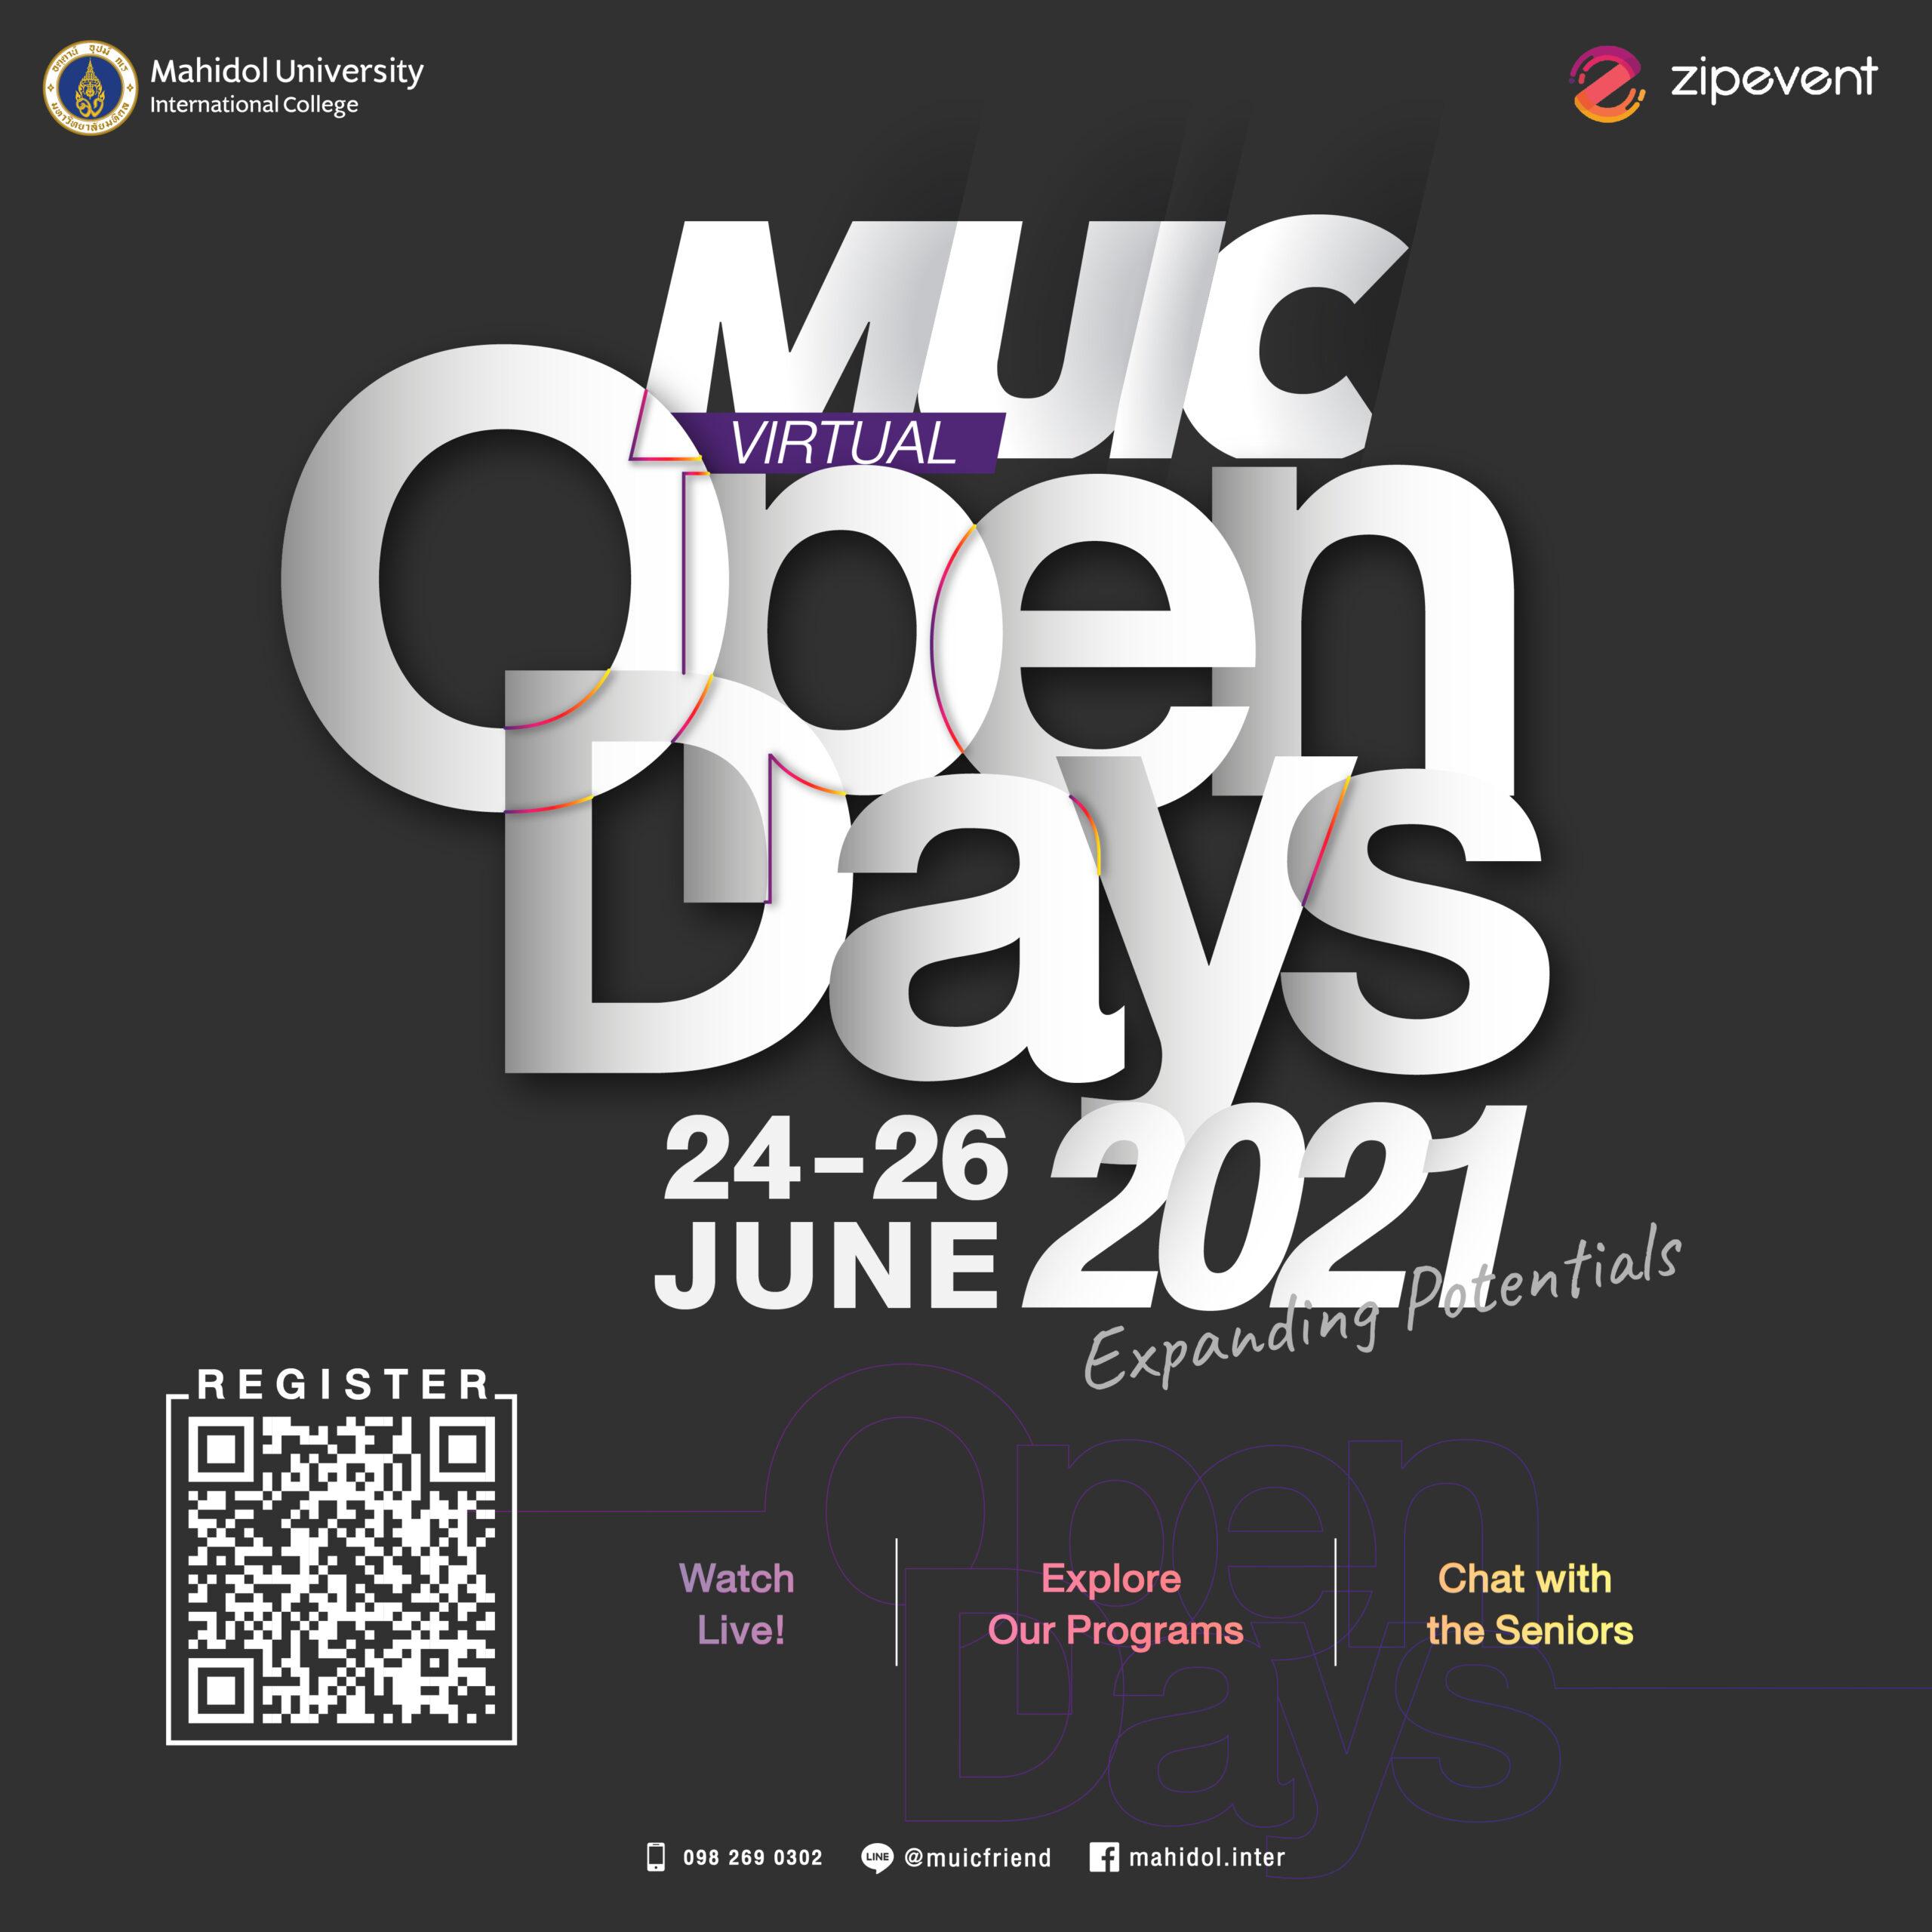 วิทยาลัยนานาชาติ ม.มหิดล จัด MUIC Virtual Open Days 2021 สอบถามพูดคุยการเรียนการสอนผ่านสื่อออนไลน์เสมือนจริง